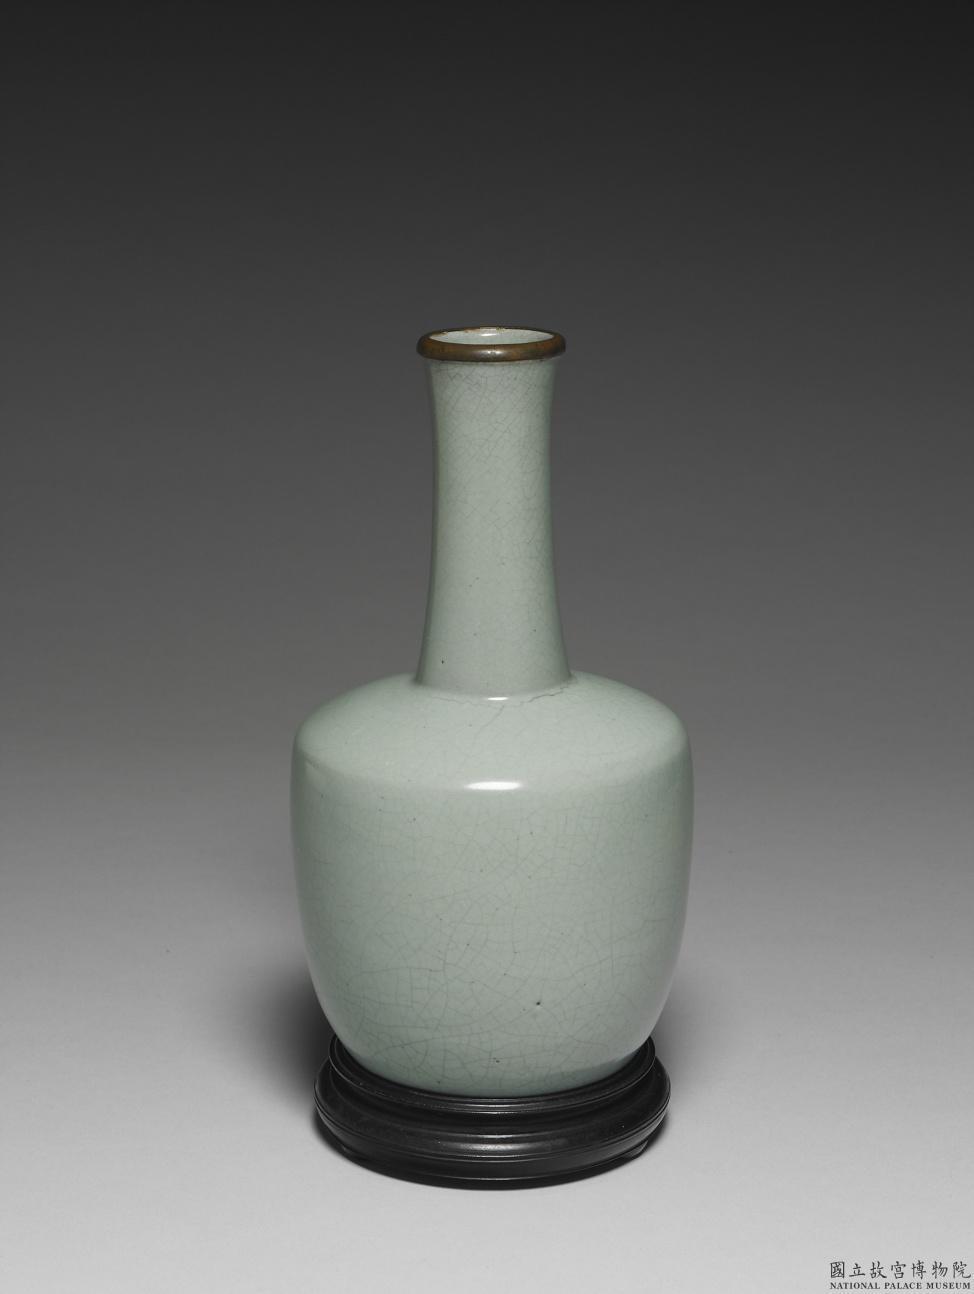 北宋汝窯青瓷紙槌瓶,是故宮最新國寶之一。圖/故宮提供